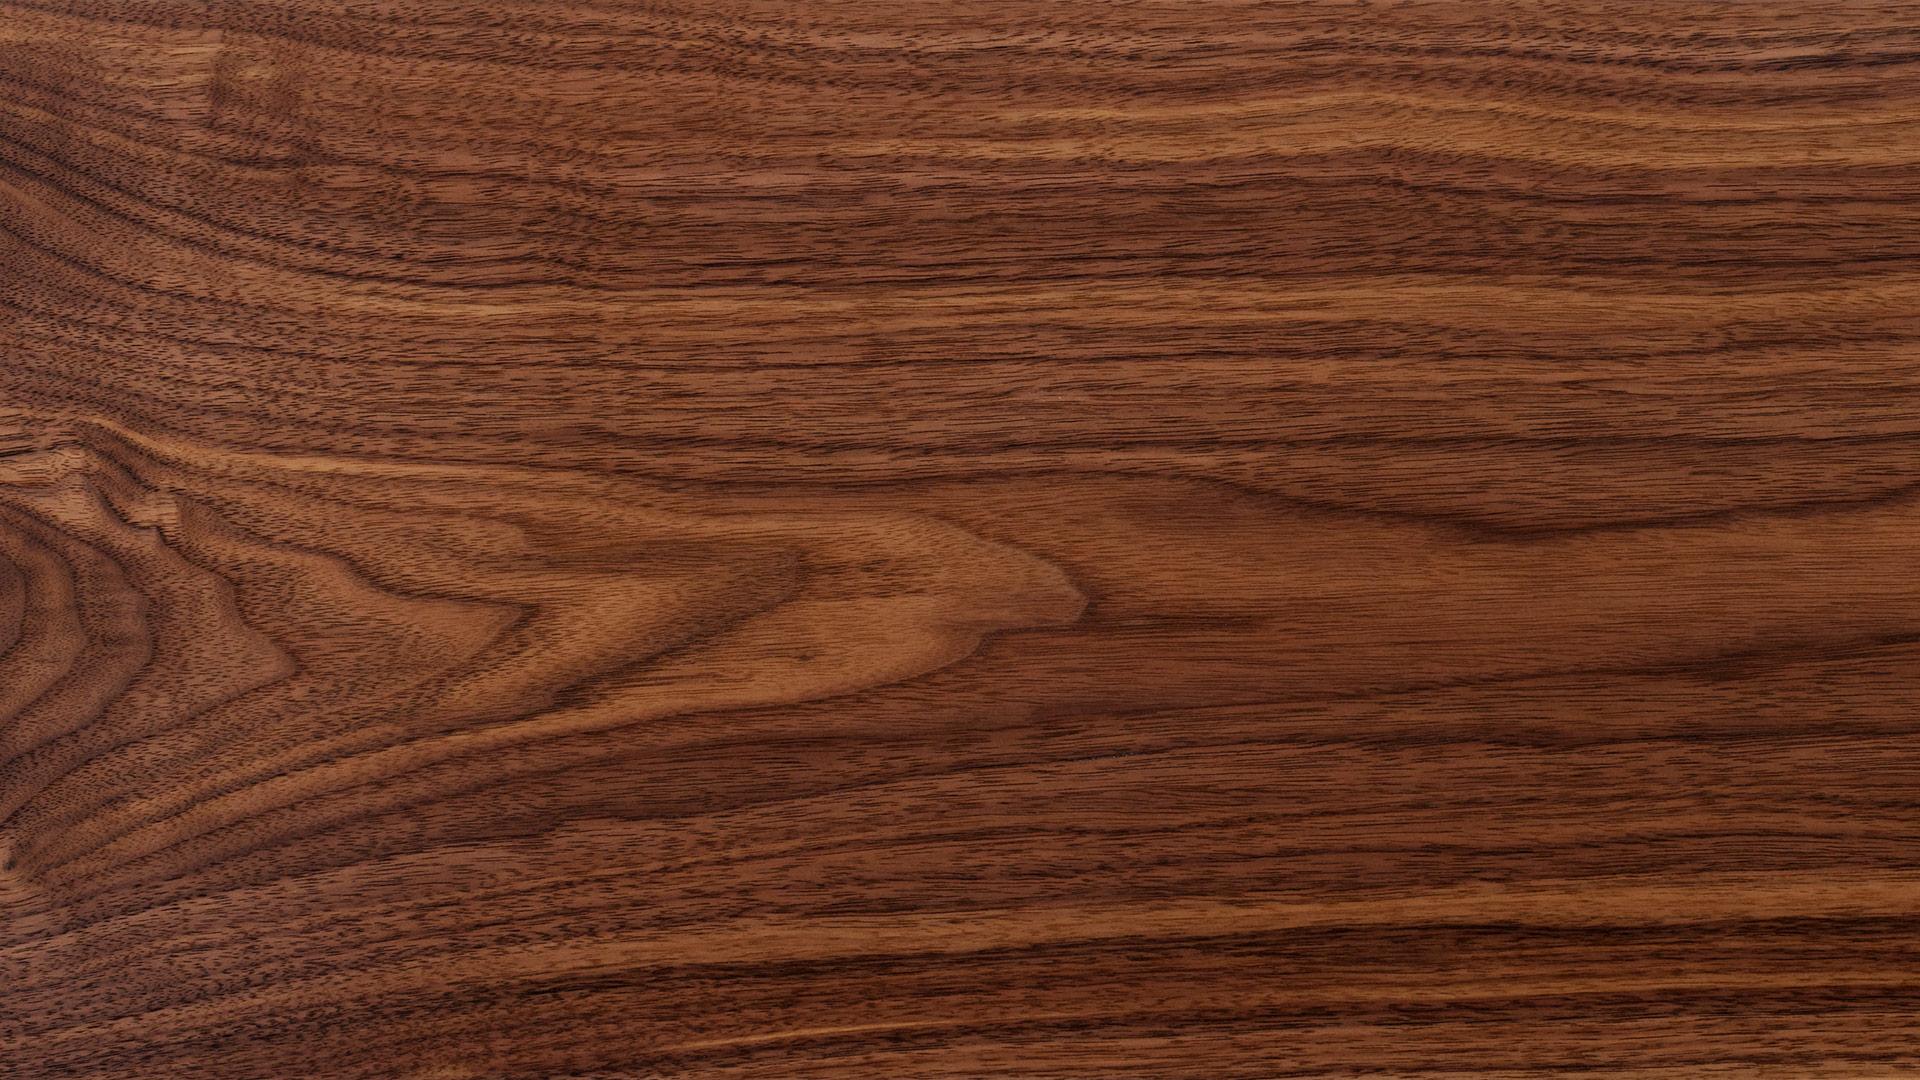 Walnut grain 1920x1080